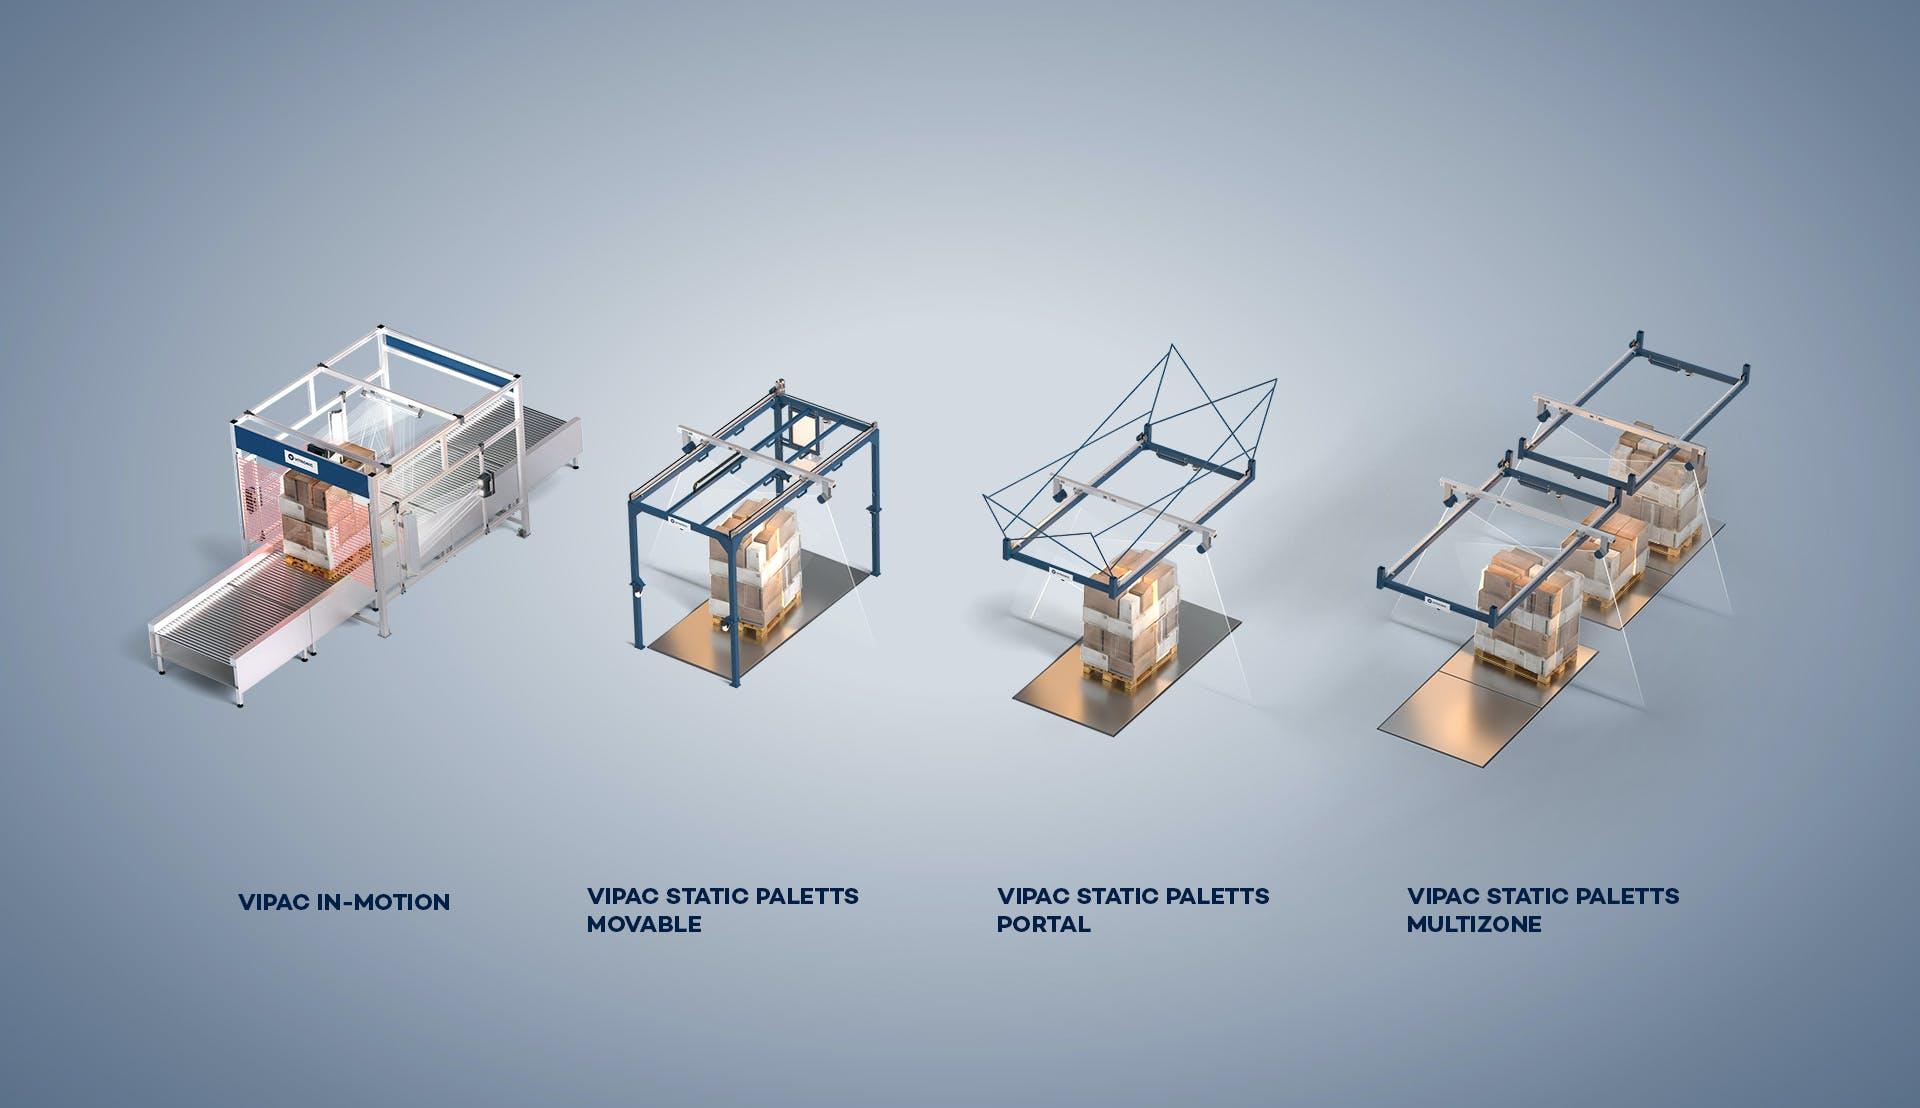 Gamme de systèmes VIPAC